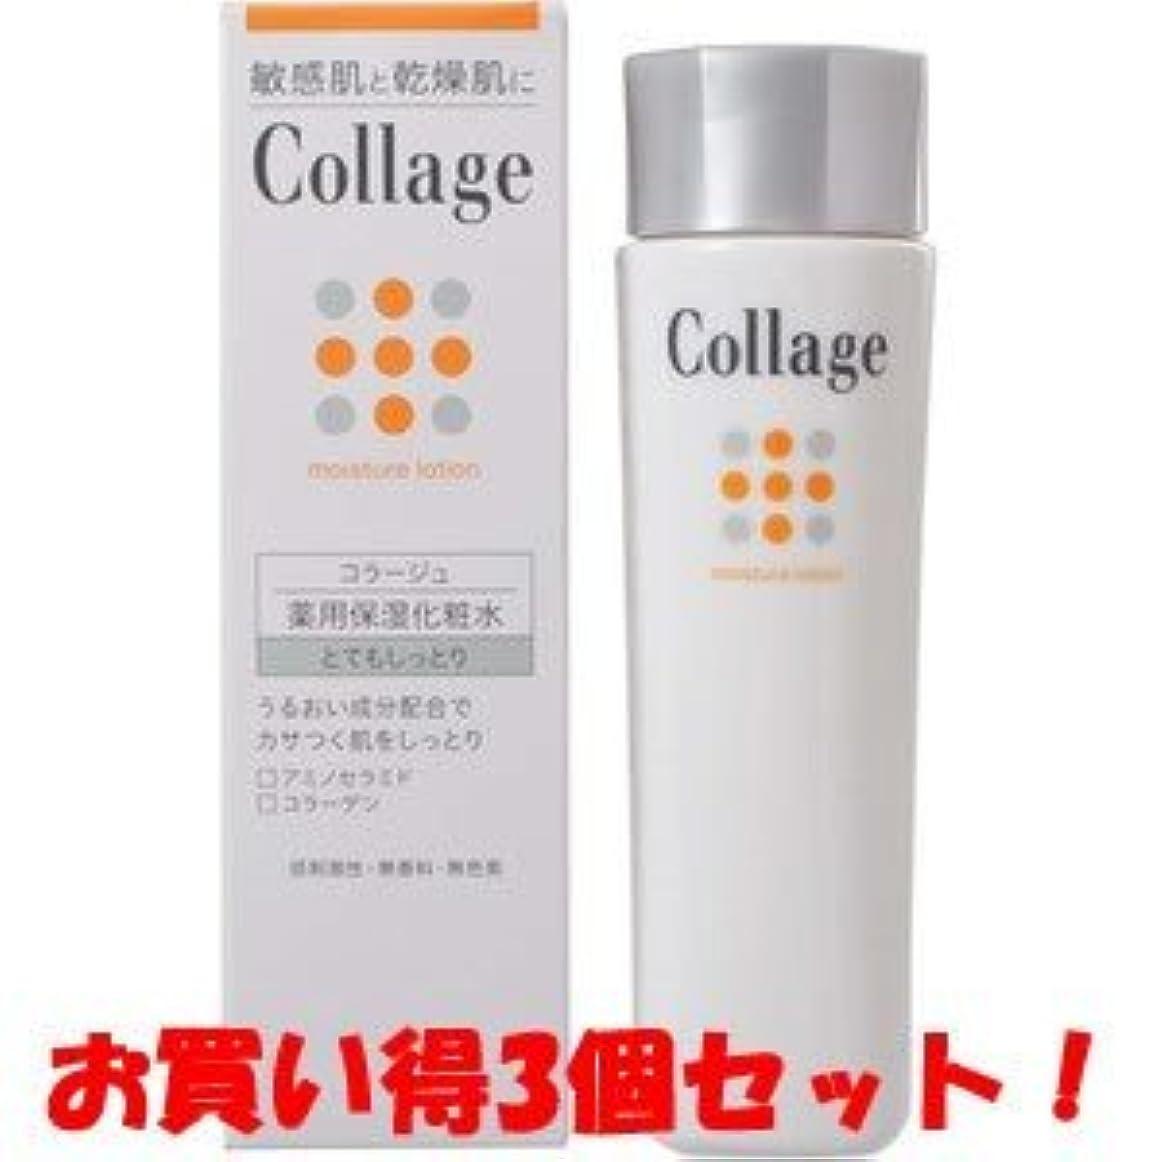 耐えられるプリーツモスク(持田ヘルスケア)コラージュ 薬用保湿化粧水 とてもしっとり 120ml(医薬部外品)(お買い得3個セット)